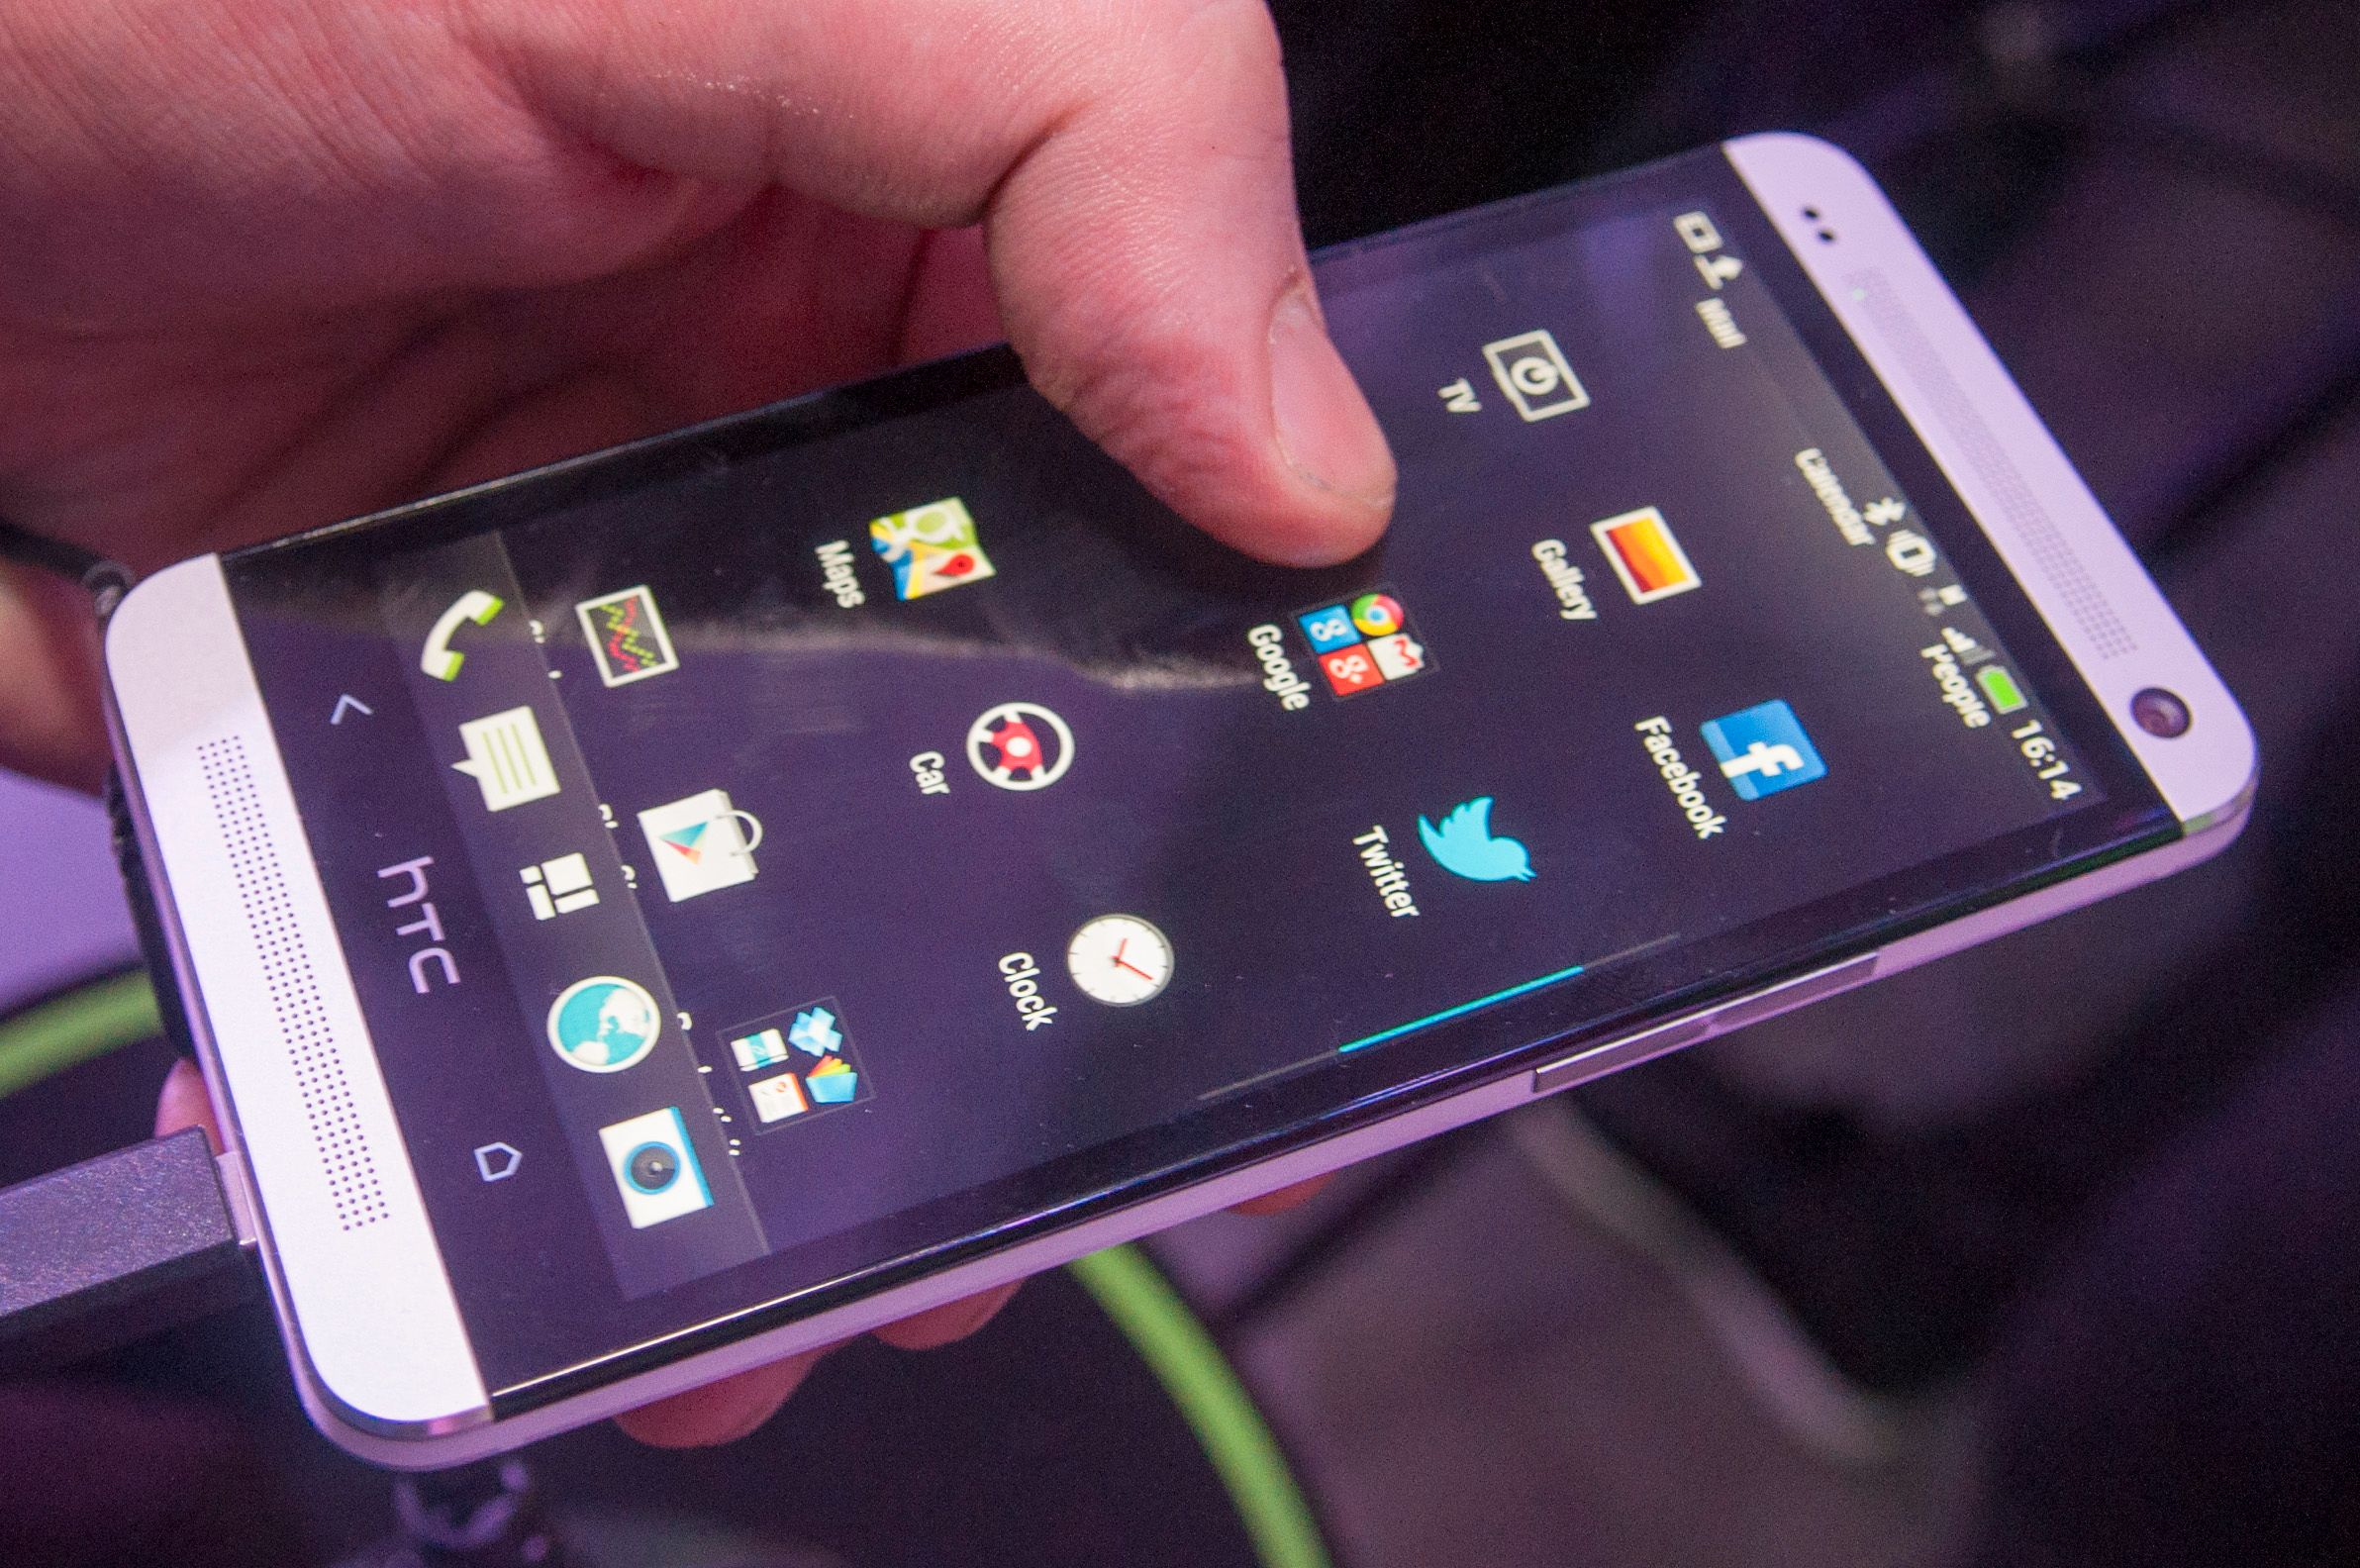 HTC har puttet inn mye luft i app-menyen sin. Den snodige knappen i midten nederst tar deg direkte til BlinkFeed-funksjonen.Foto: Finn Jarle Kvalheim, Amobil.no